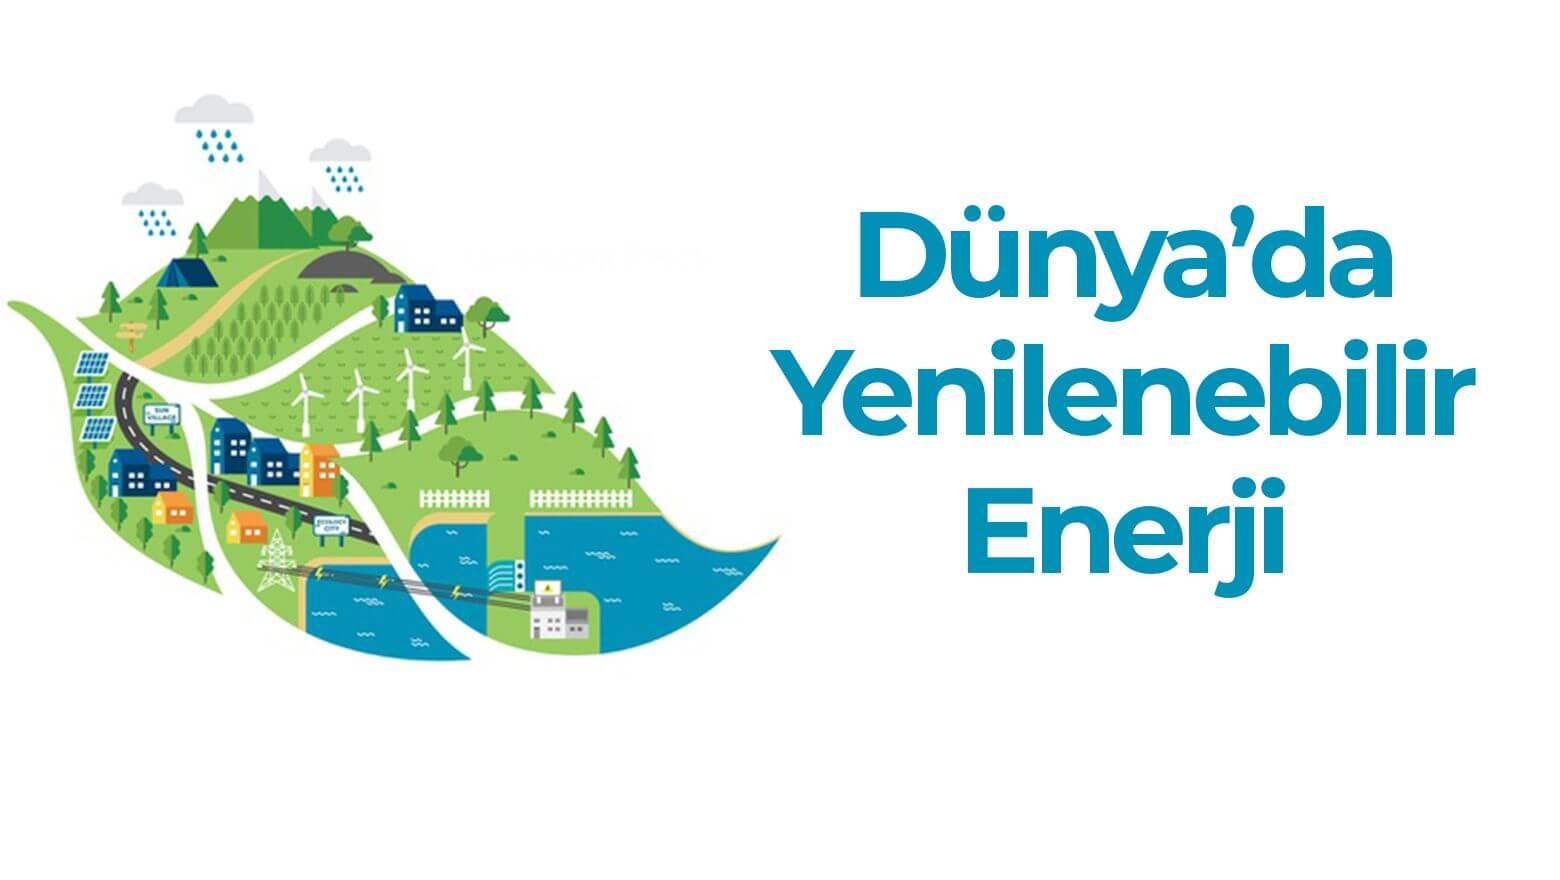 dunya-da-yenilenebilir-enerji